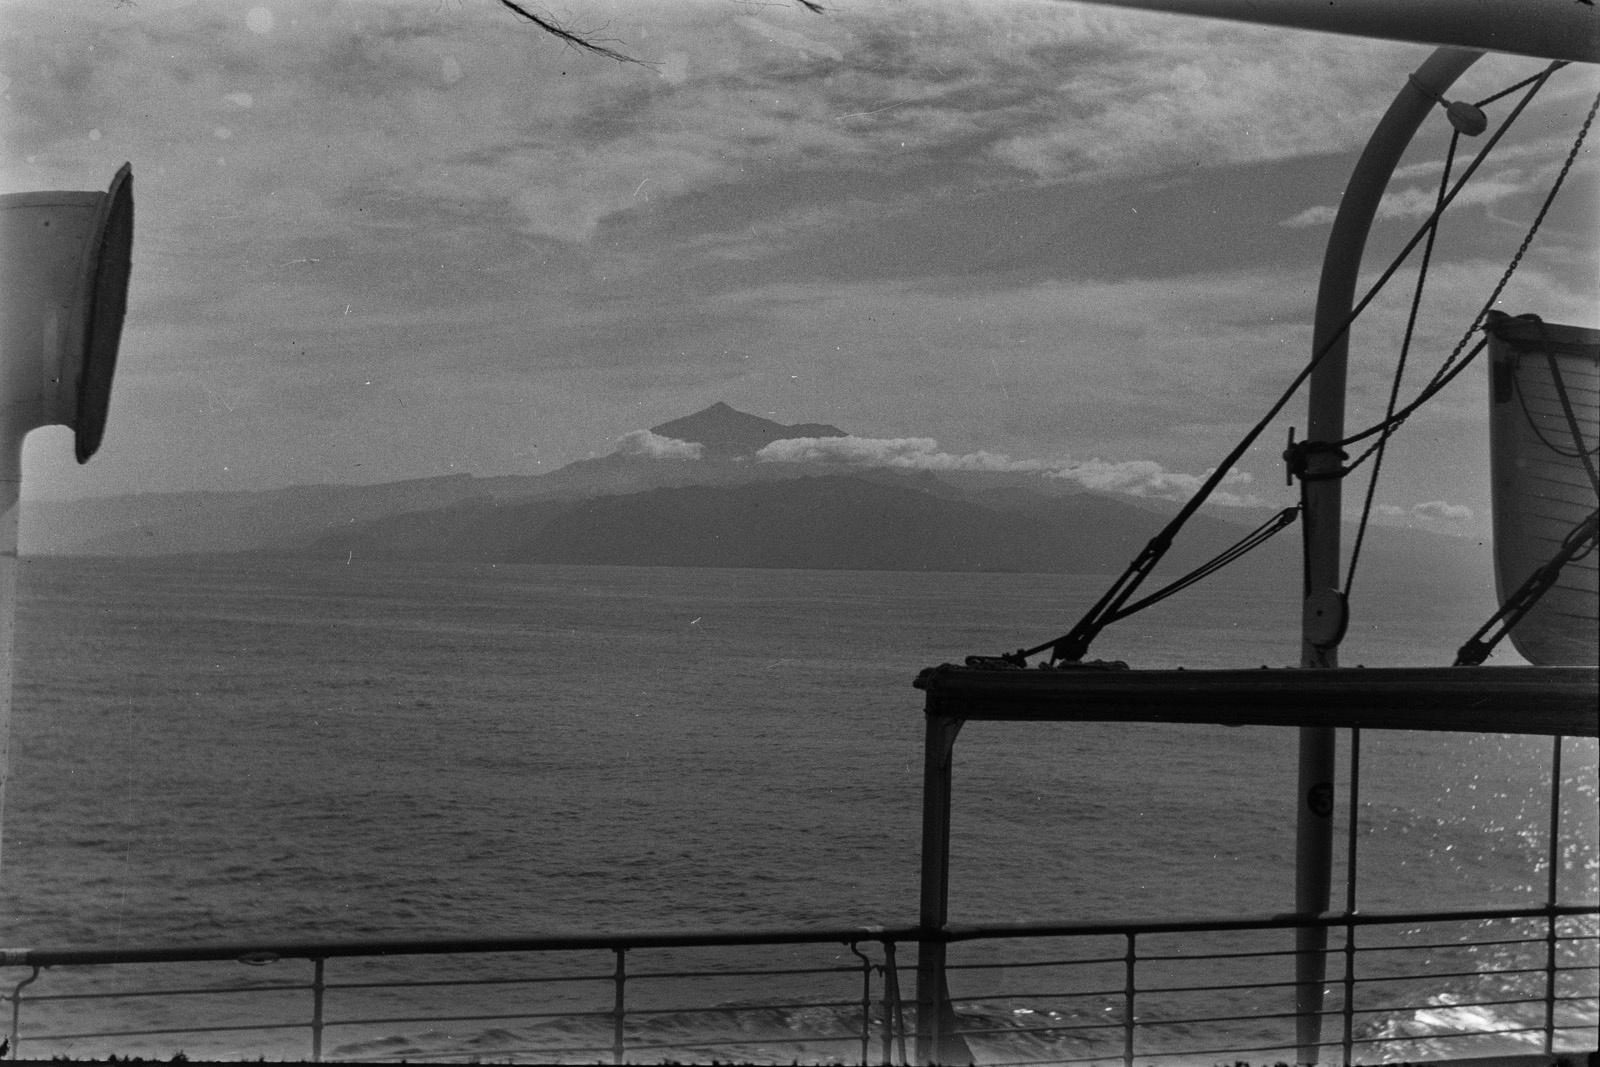 Путешествие Кейптаун-Мадейра. Тенерифе с северо-запада